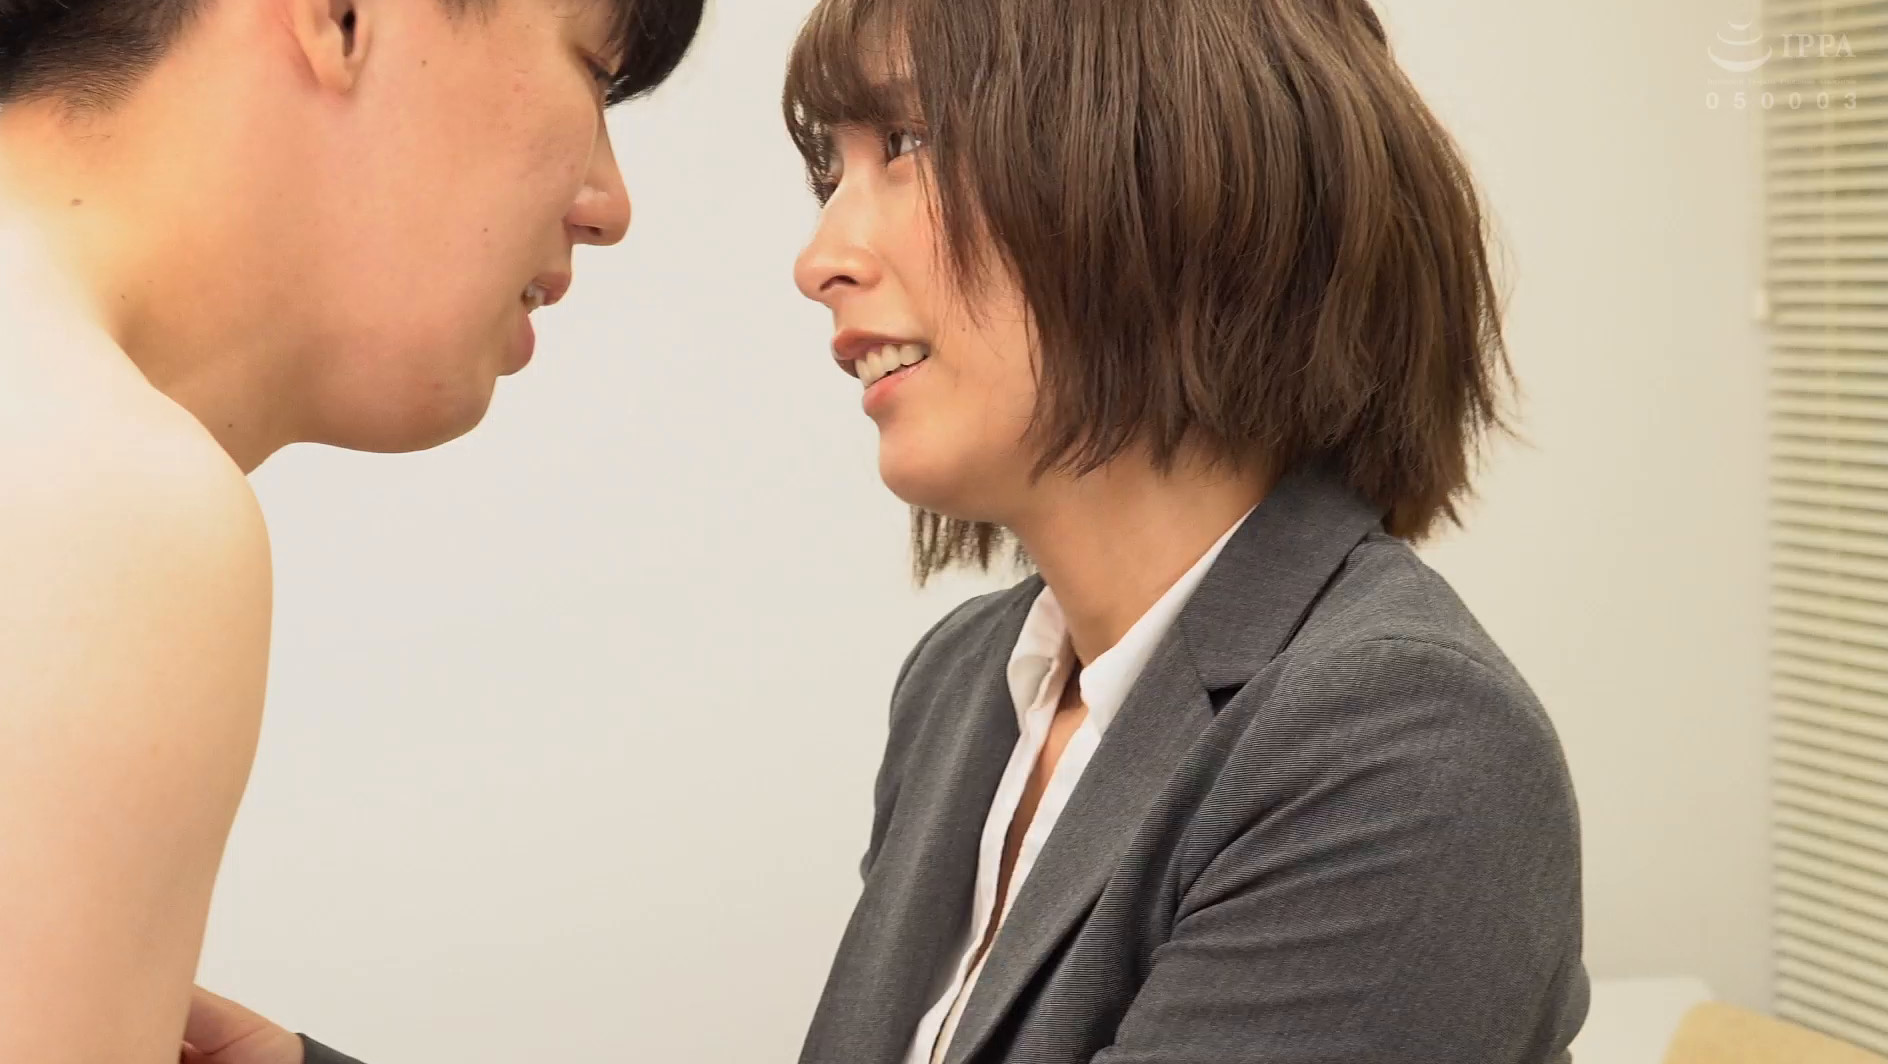 阿部乃みく ミリオン専属 第1弾ドラマ 完全女性上位 執拗に男ヲ責めて悦ぶオンナ 痴女OLはオフィスにて男性上司を堕とし狂わす20